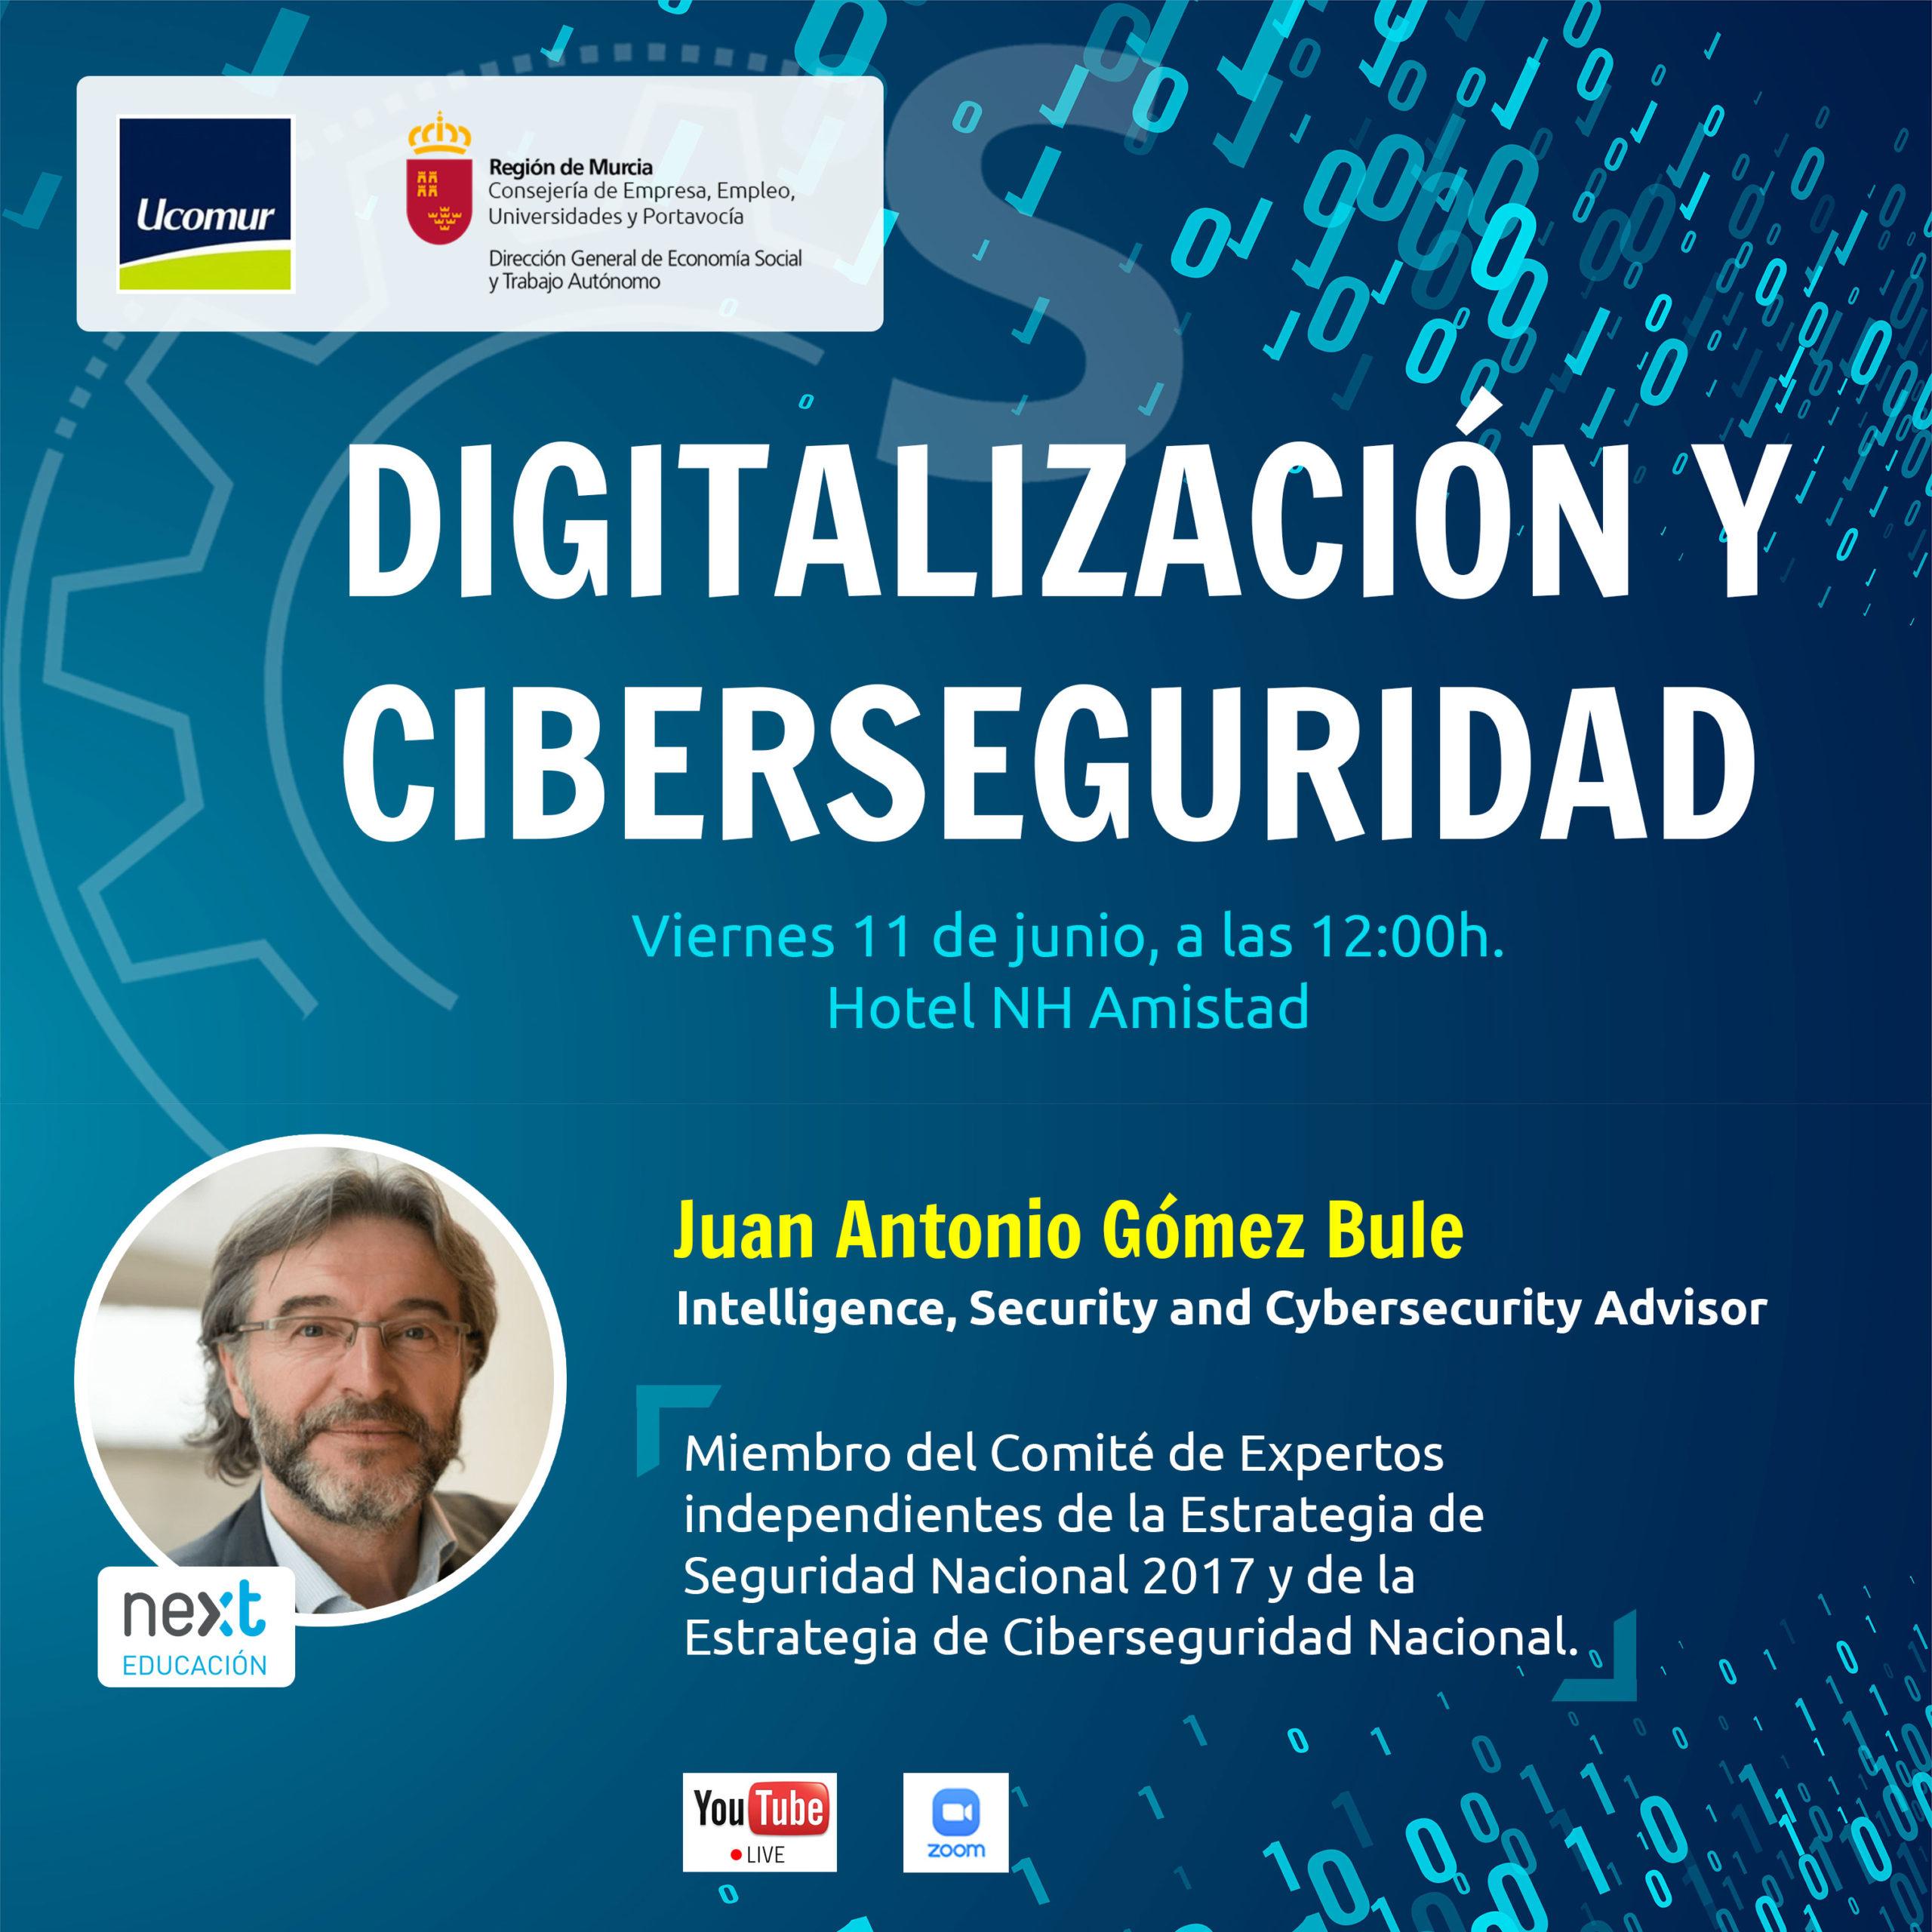 Webinar CIBERSEGURIDAD: Cómo abordar la digitalización y protegerse frente a ciberataques.